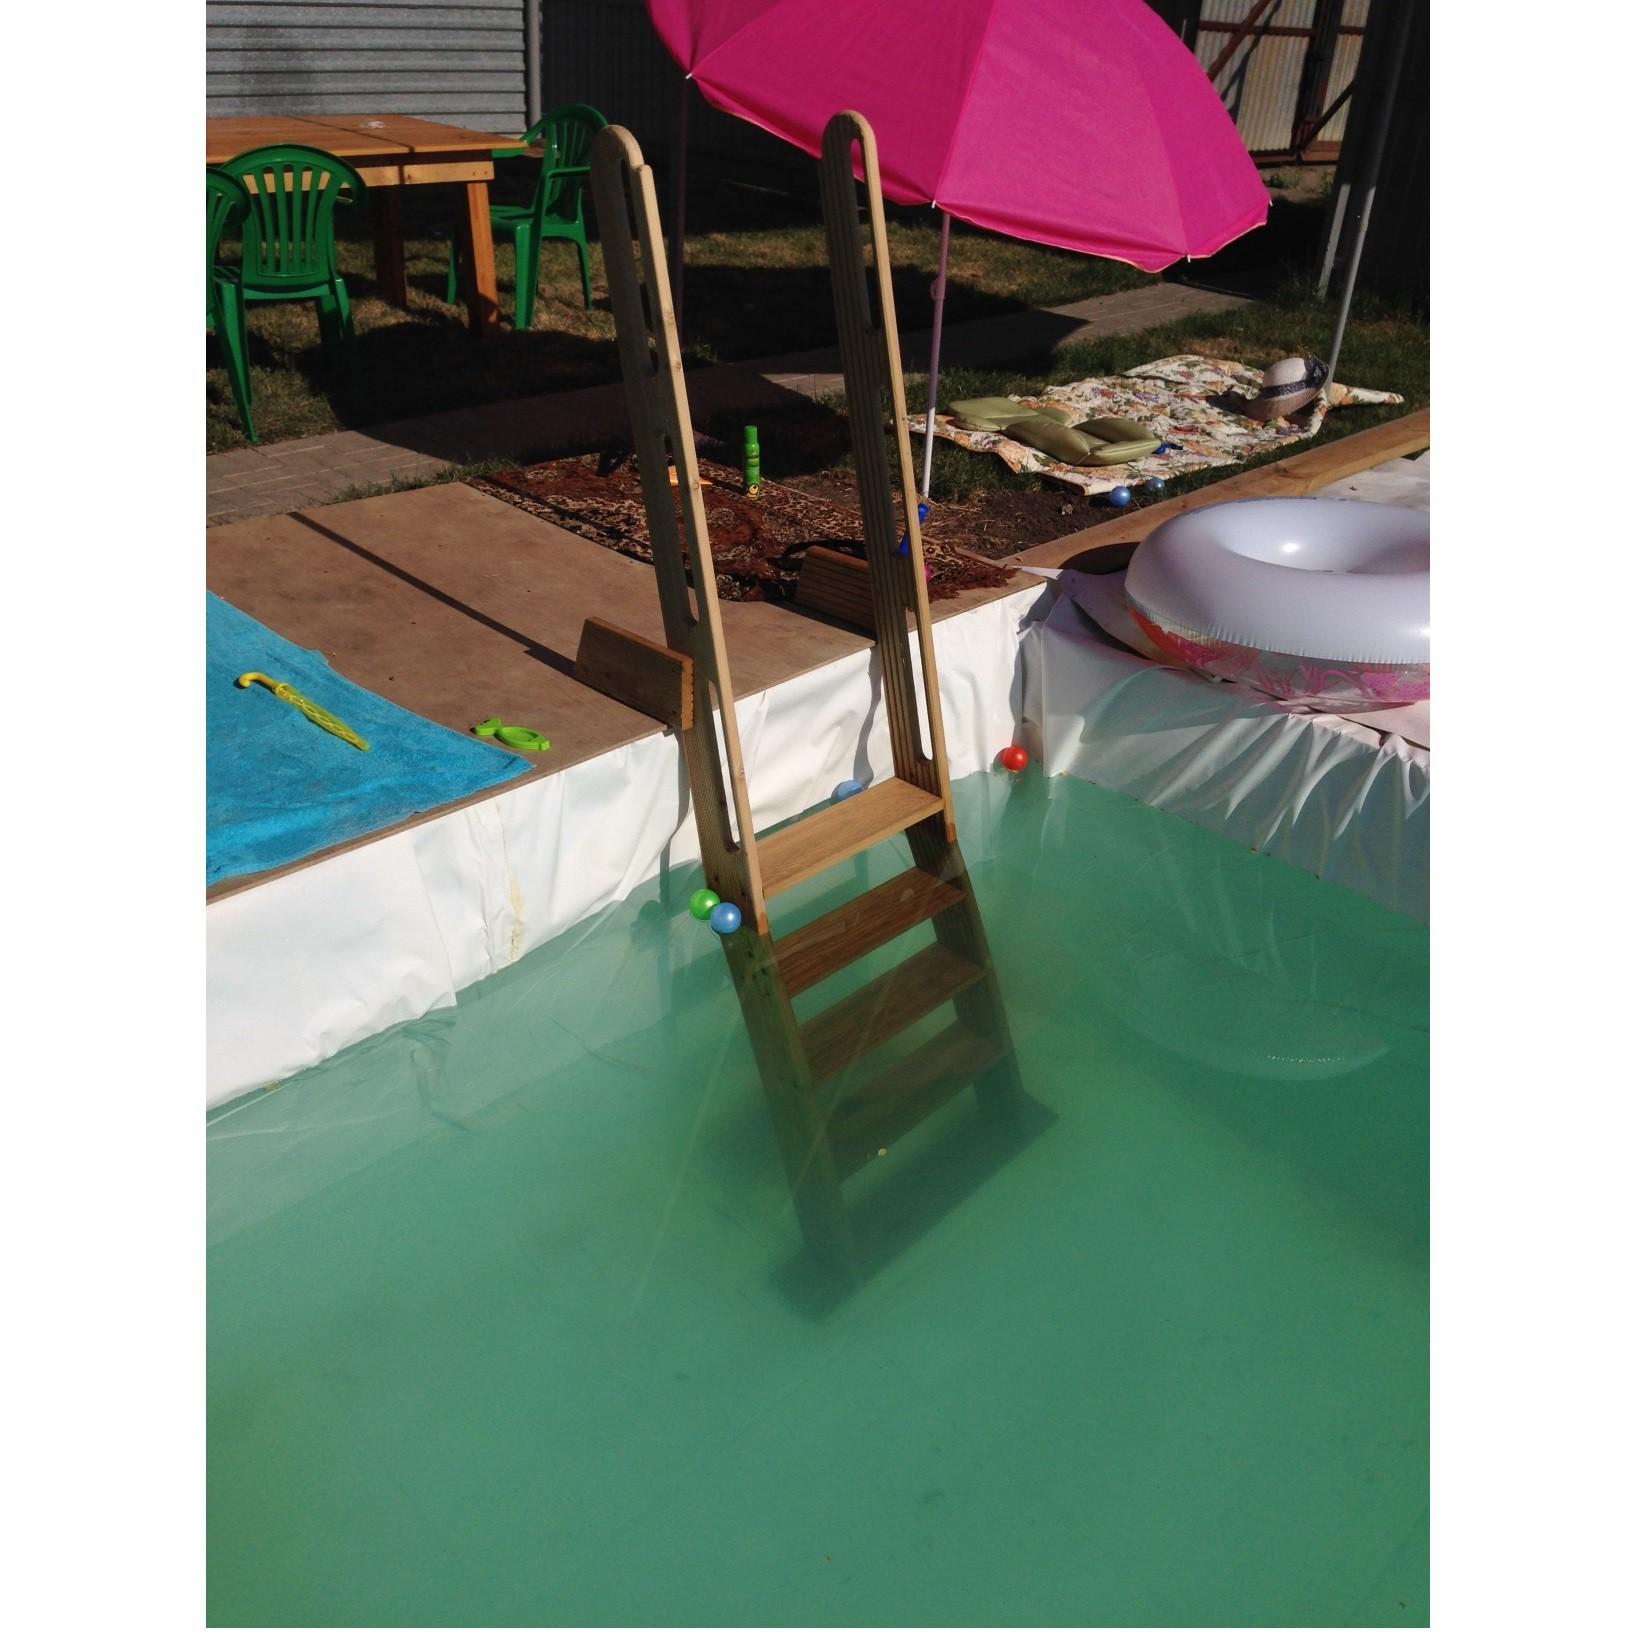 Лестница для бассейна своими руками из пластиковой трубы фото